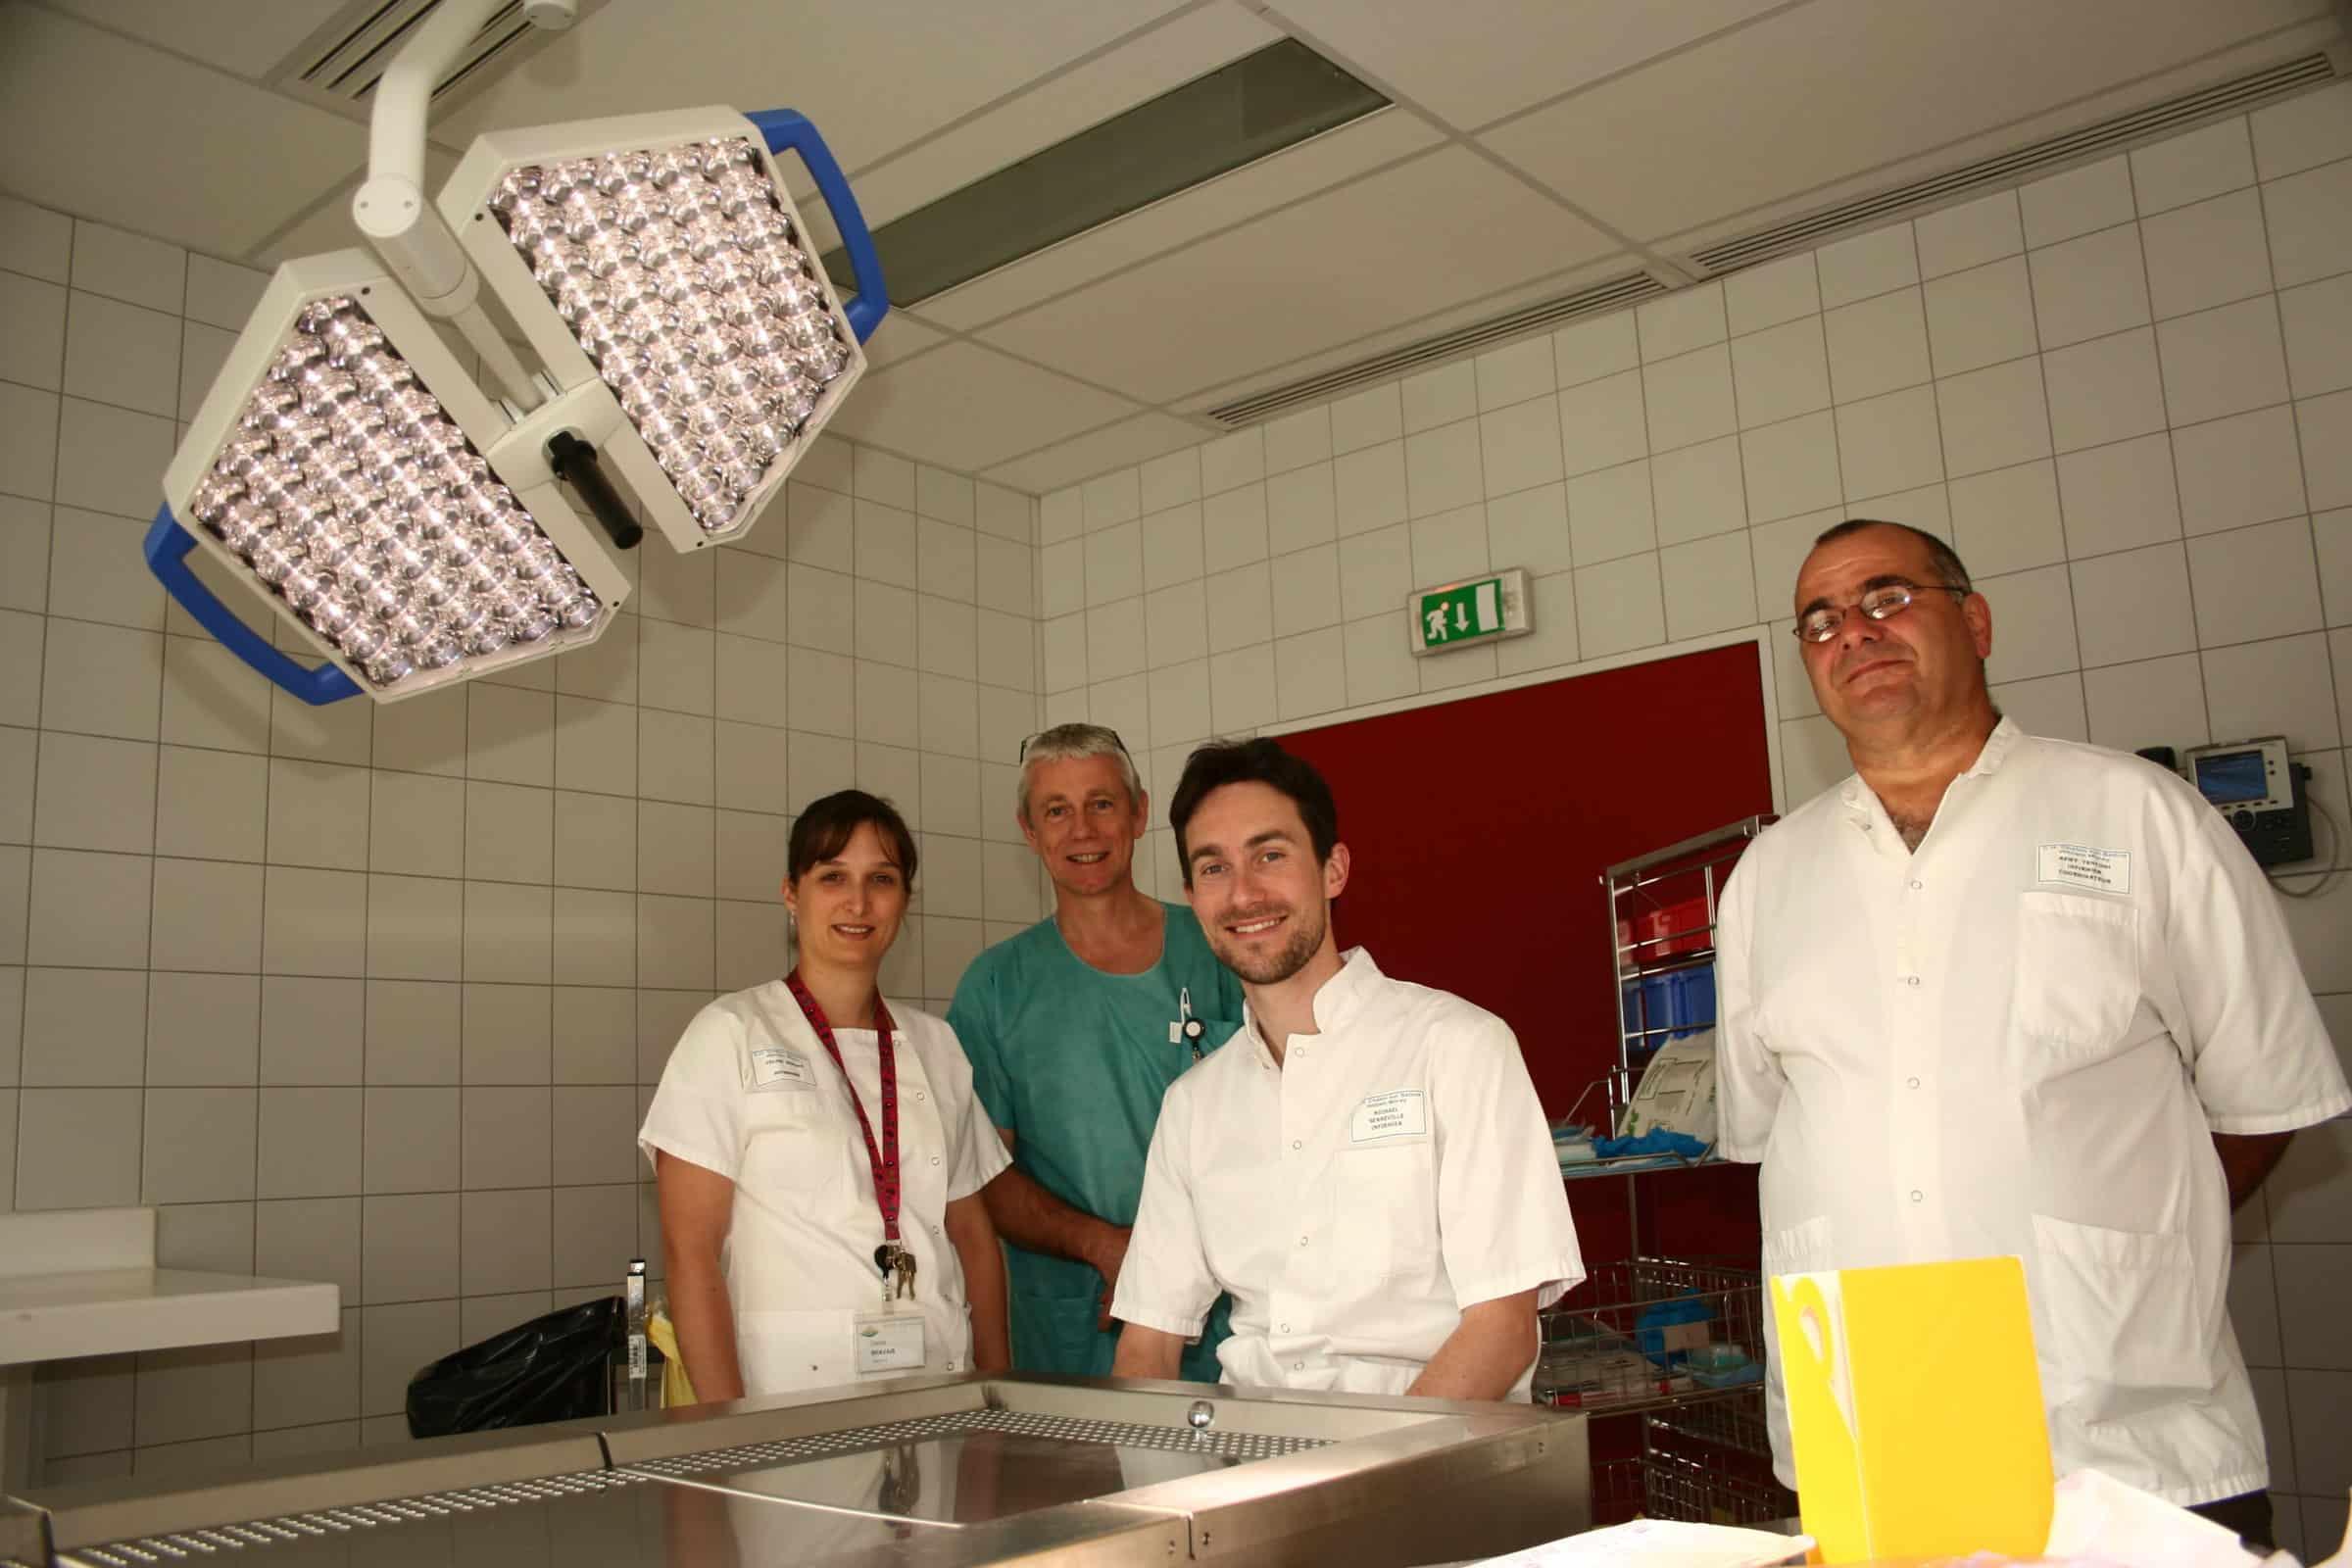 Des greffons pr lev s par des infirmiers actusoins actualit infirmi re - Chambre mortuaire hopital ...